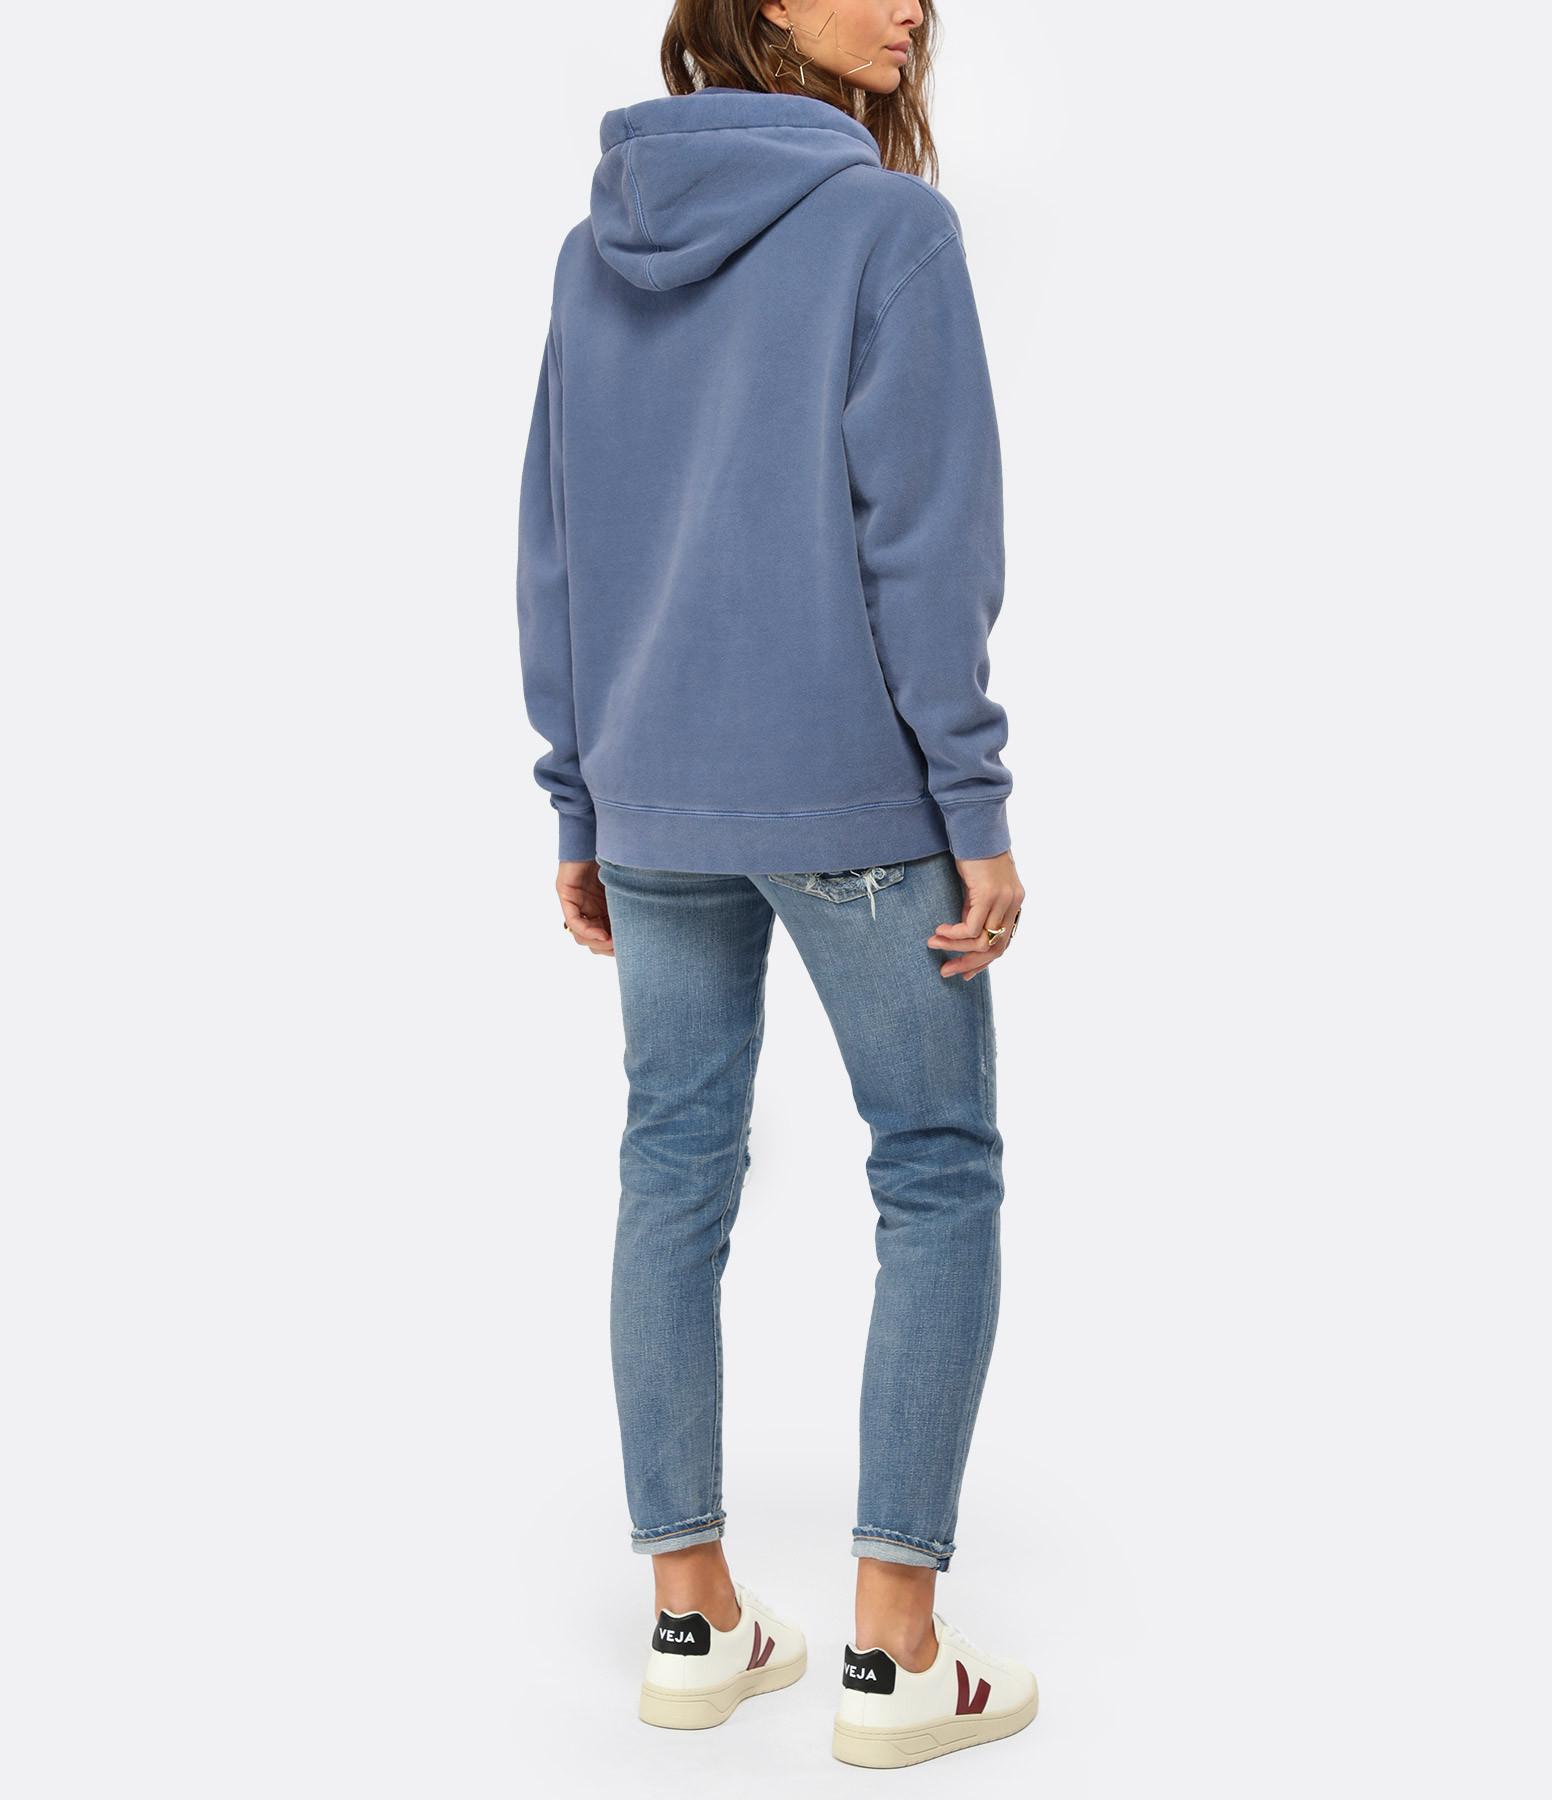 NEWTONE - Sweatshirt Phoenix Coton Bleu Denim